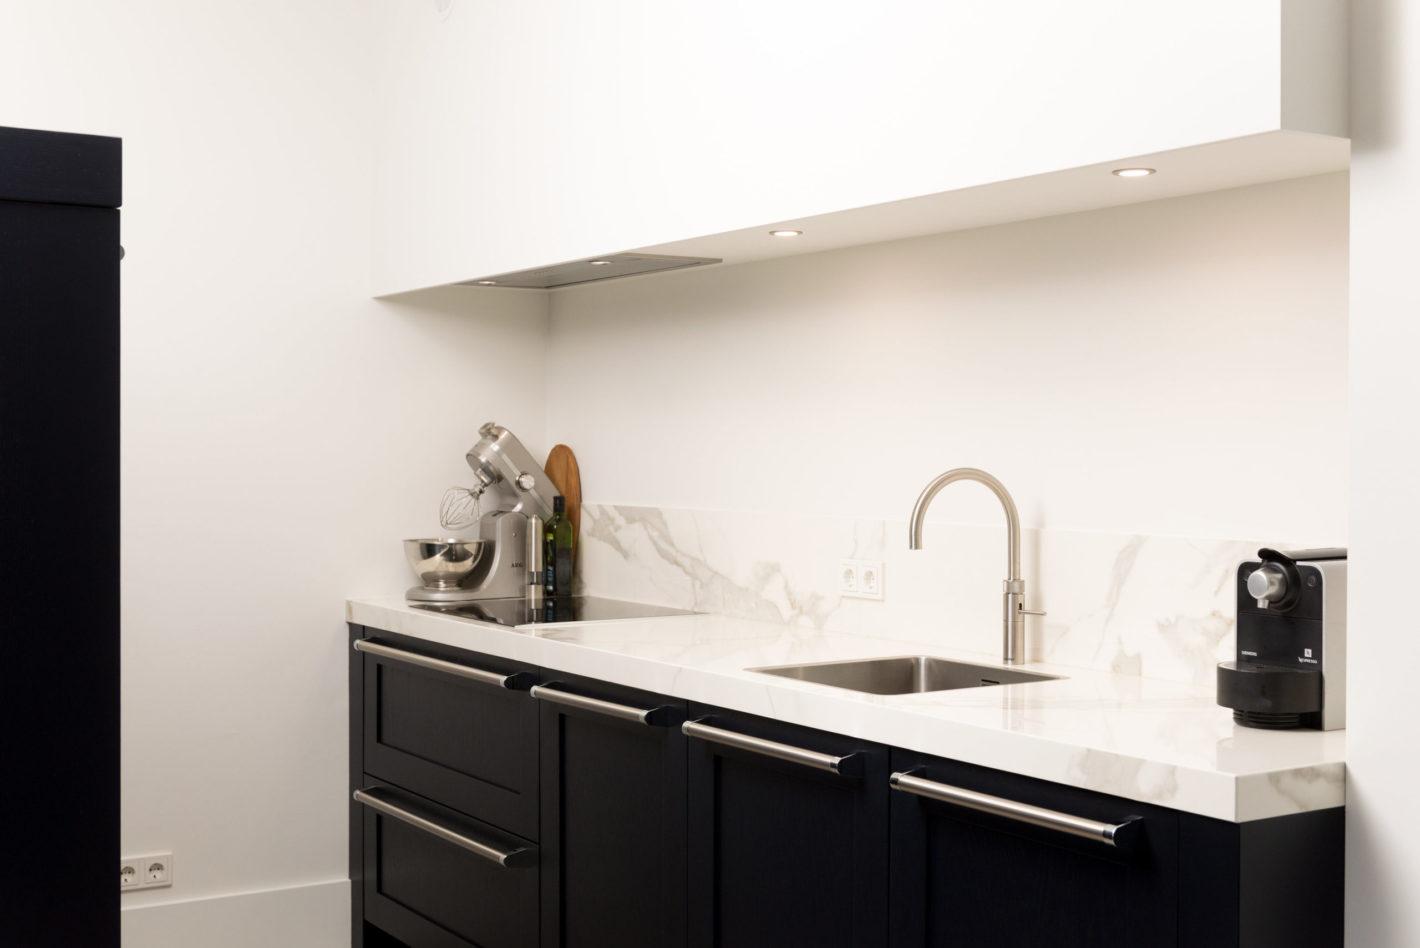 Moderne keuken met inductie kookplaat